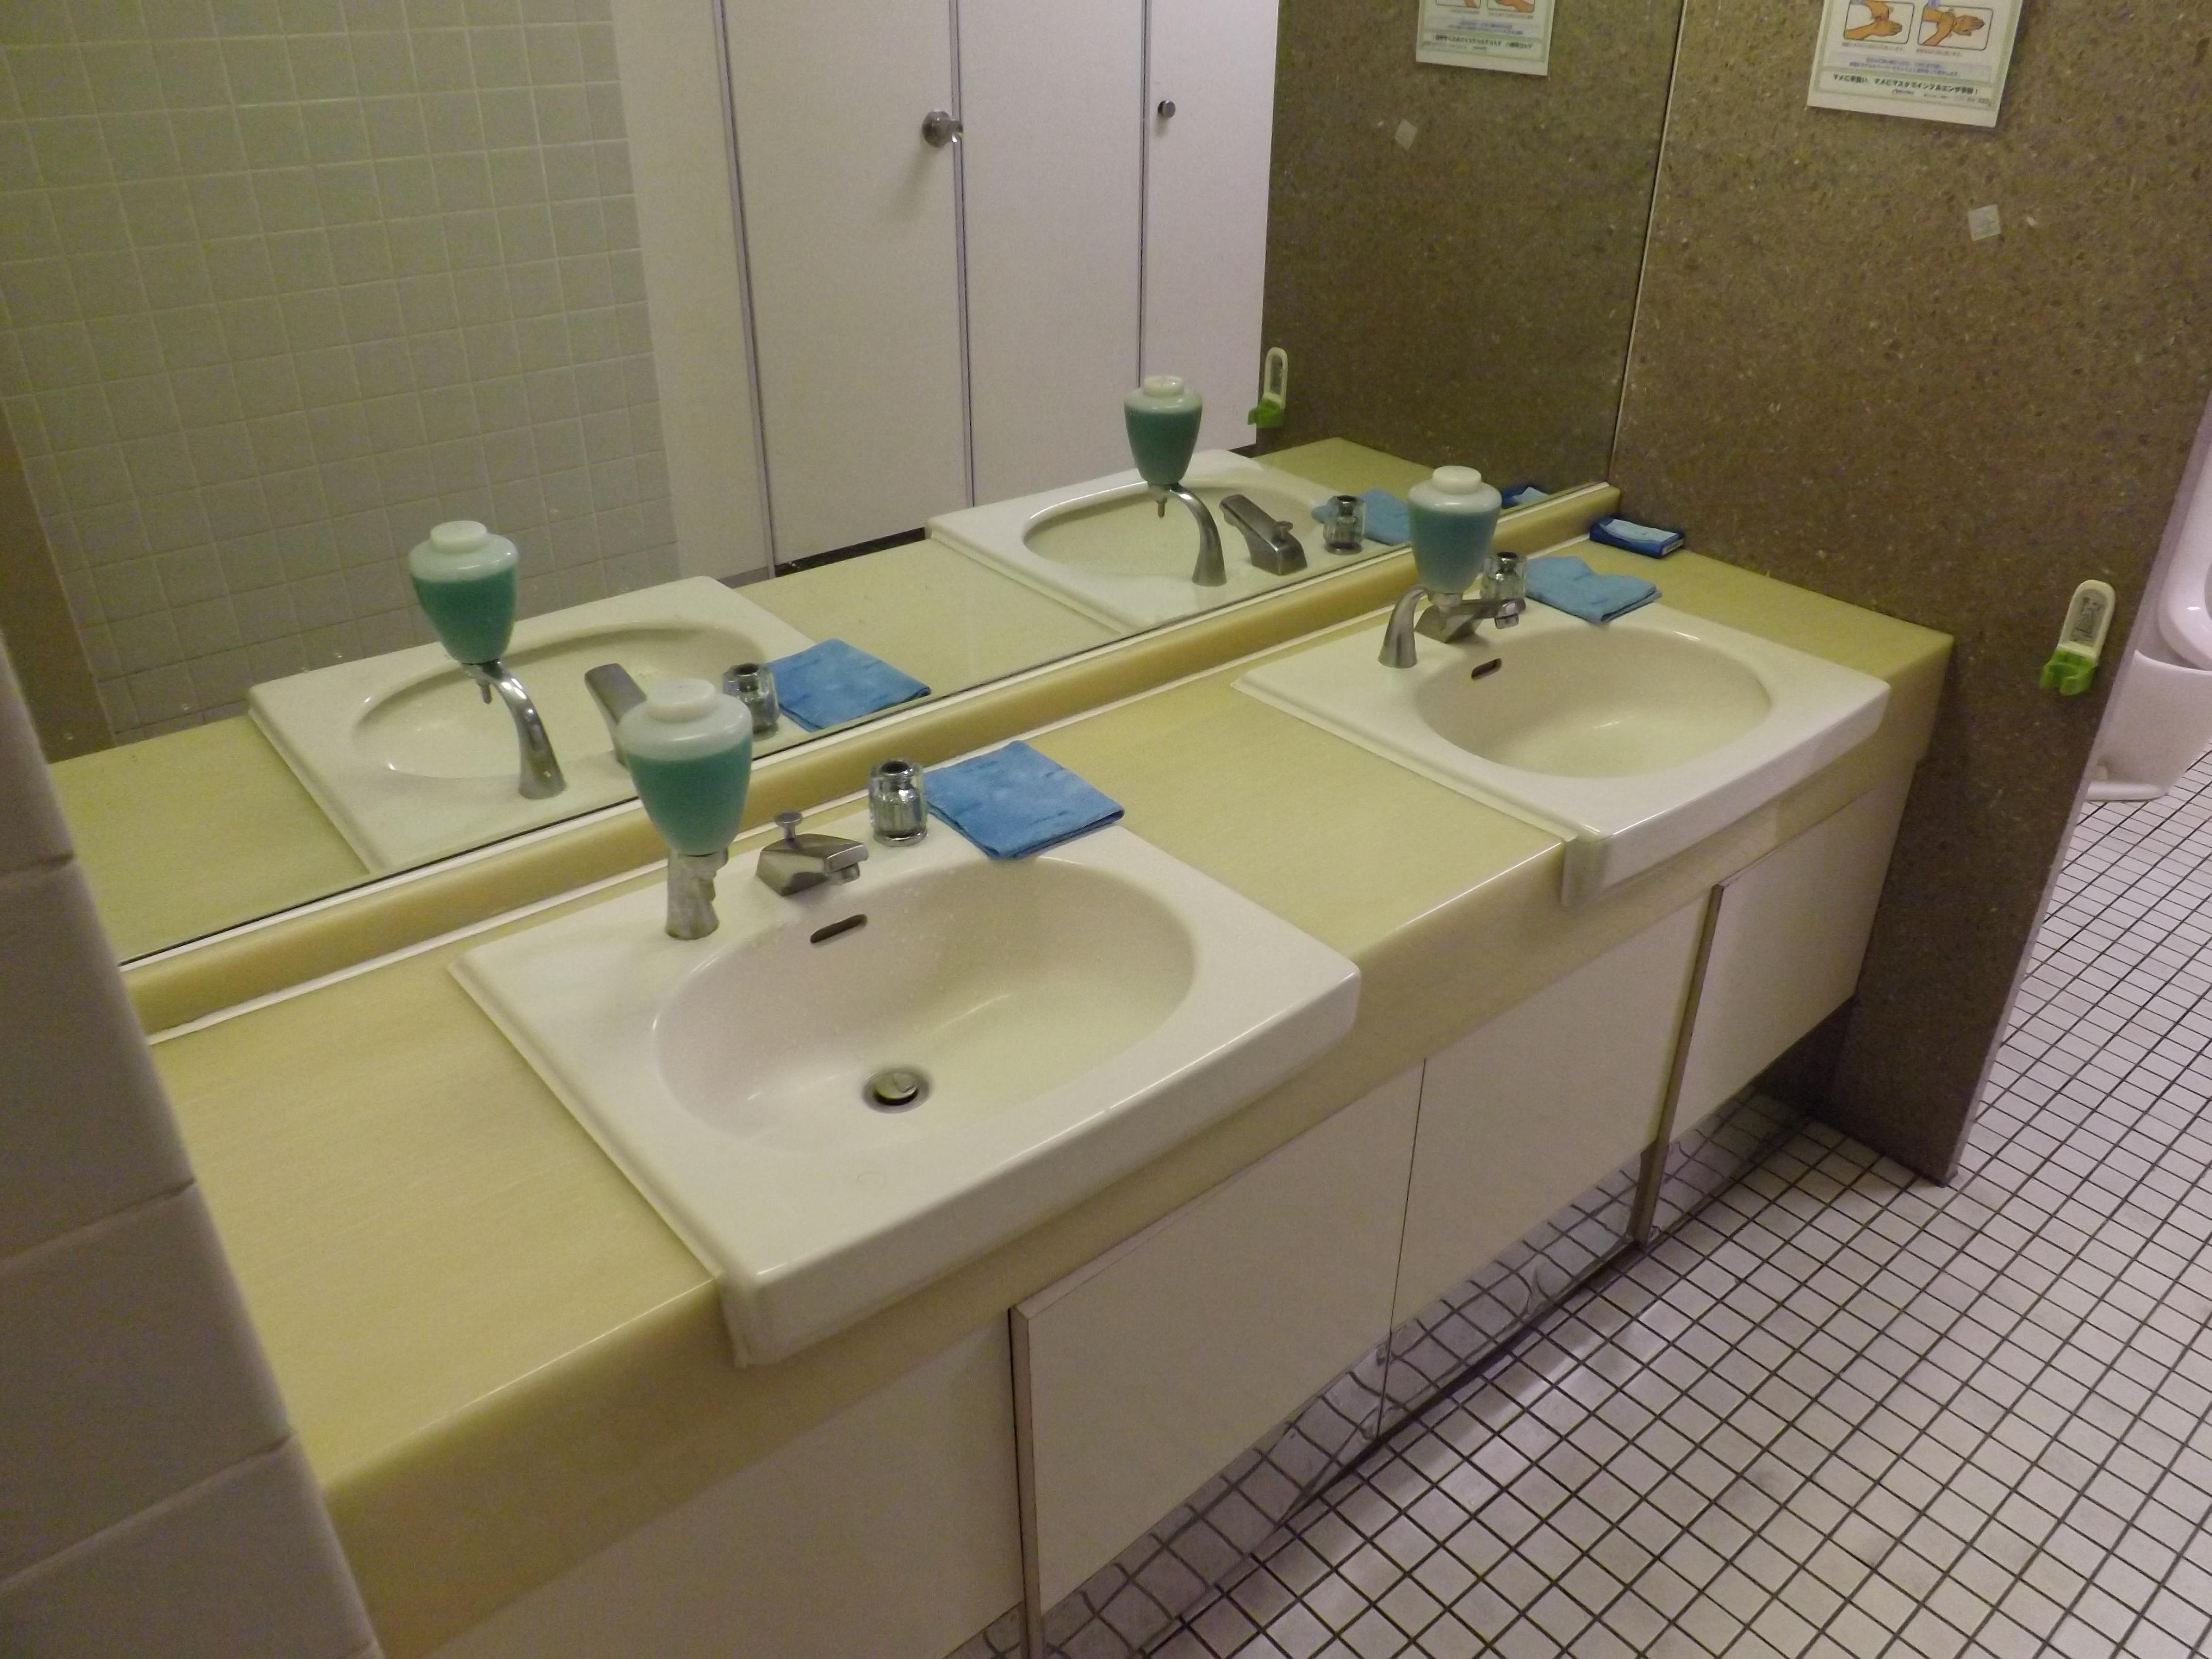 市役所1階トイレ、、、手洗い場が水洗化に(「新型コロナ対策で、緊急的な改善」って言っても松戸市役所ではすでに実施されており…新型コロナに便乗していないよね)